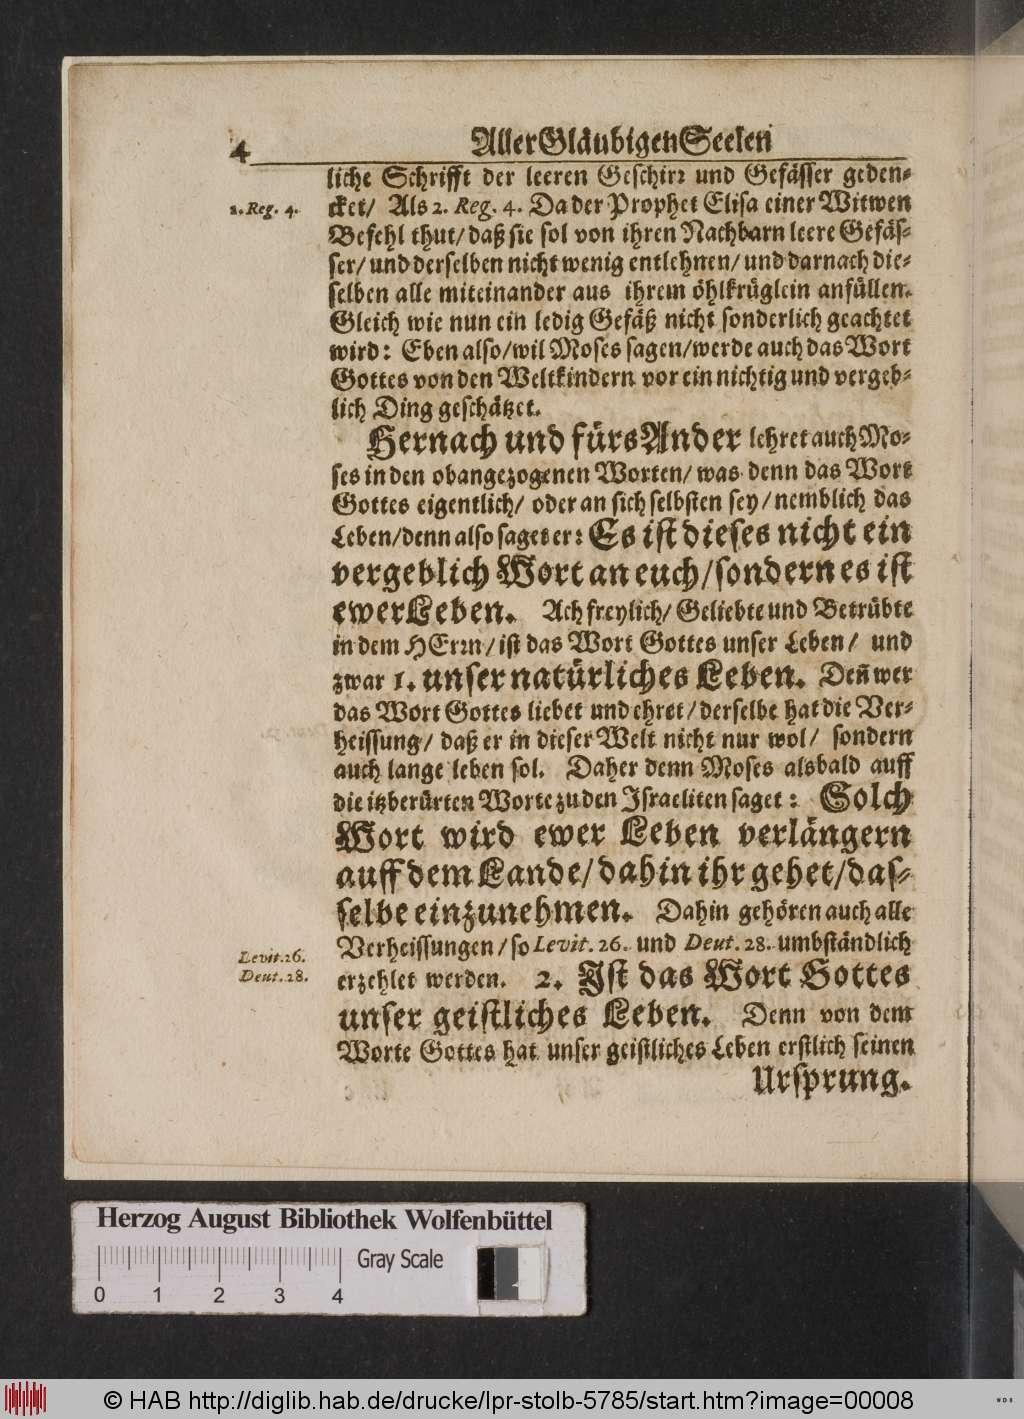 http://diglib.hab.de/drucke/lpr-stolb-5785/00008.jpg